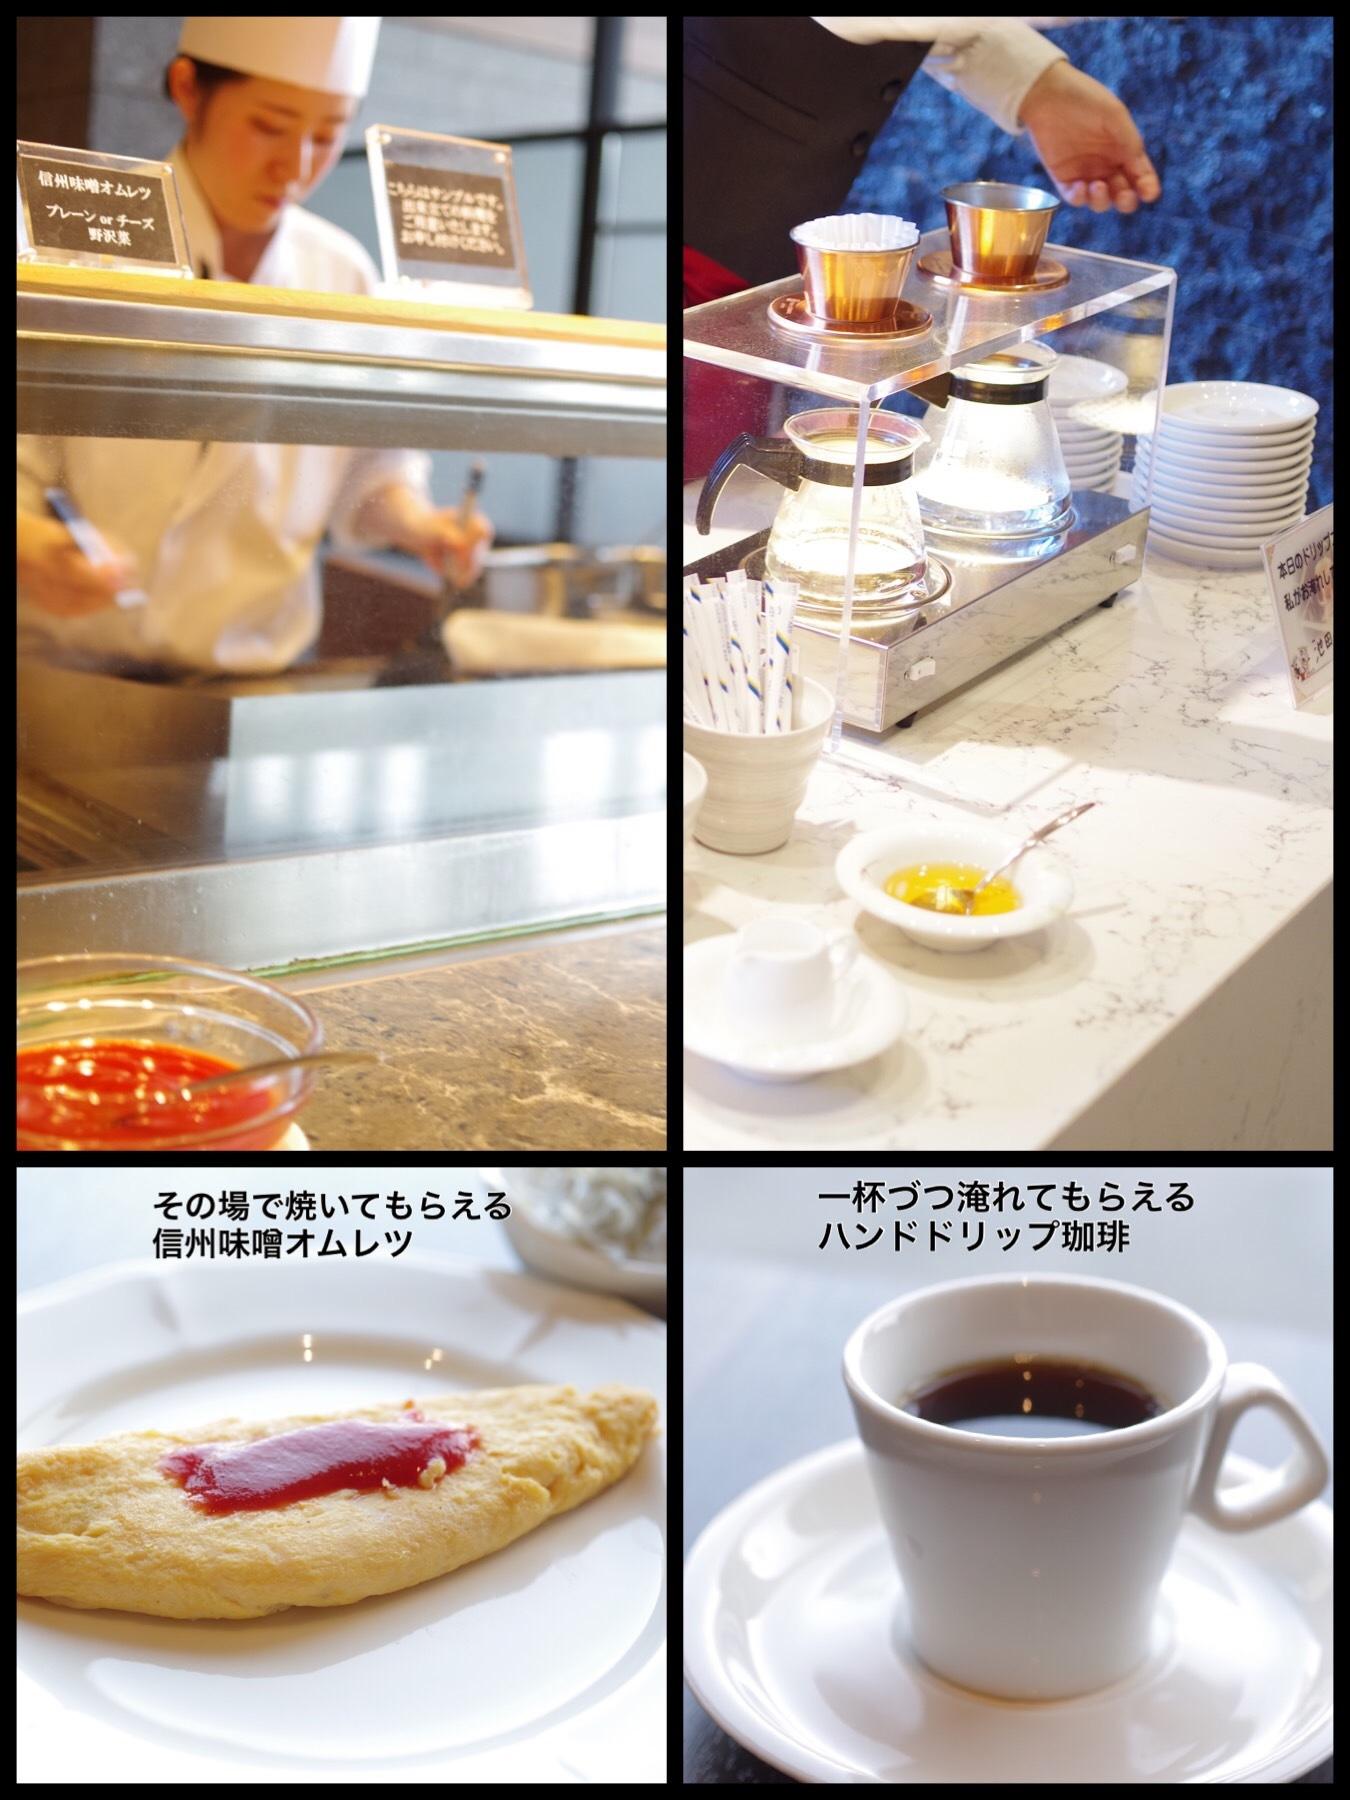 東急ハーヴェストクラブ軽井沢&VIALA宿泊 朝食ビュッフェ